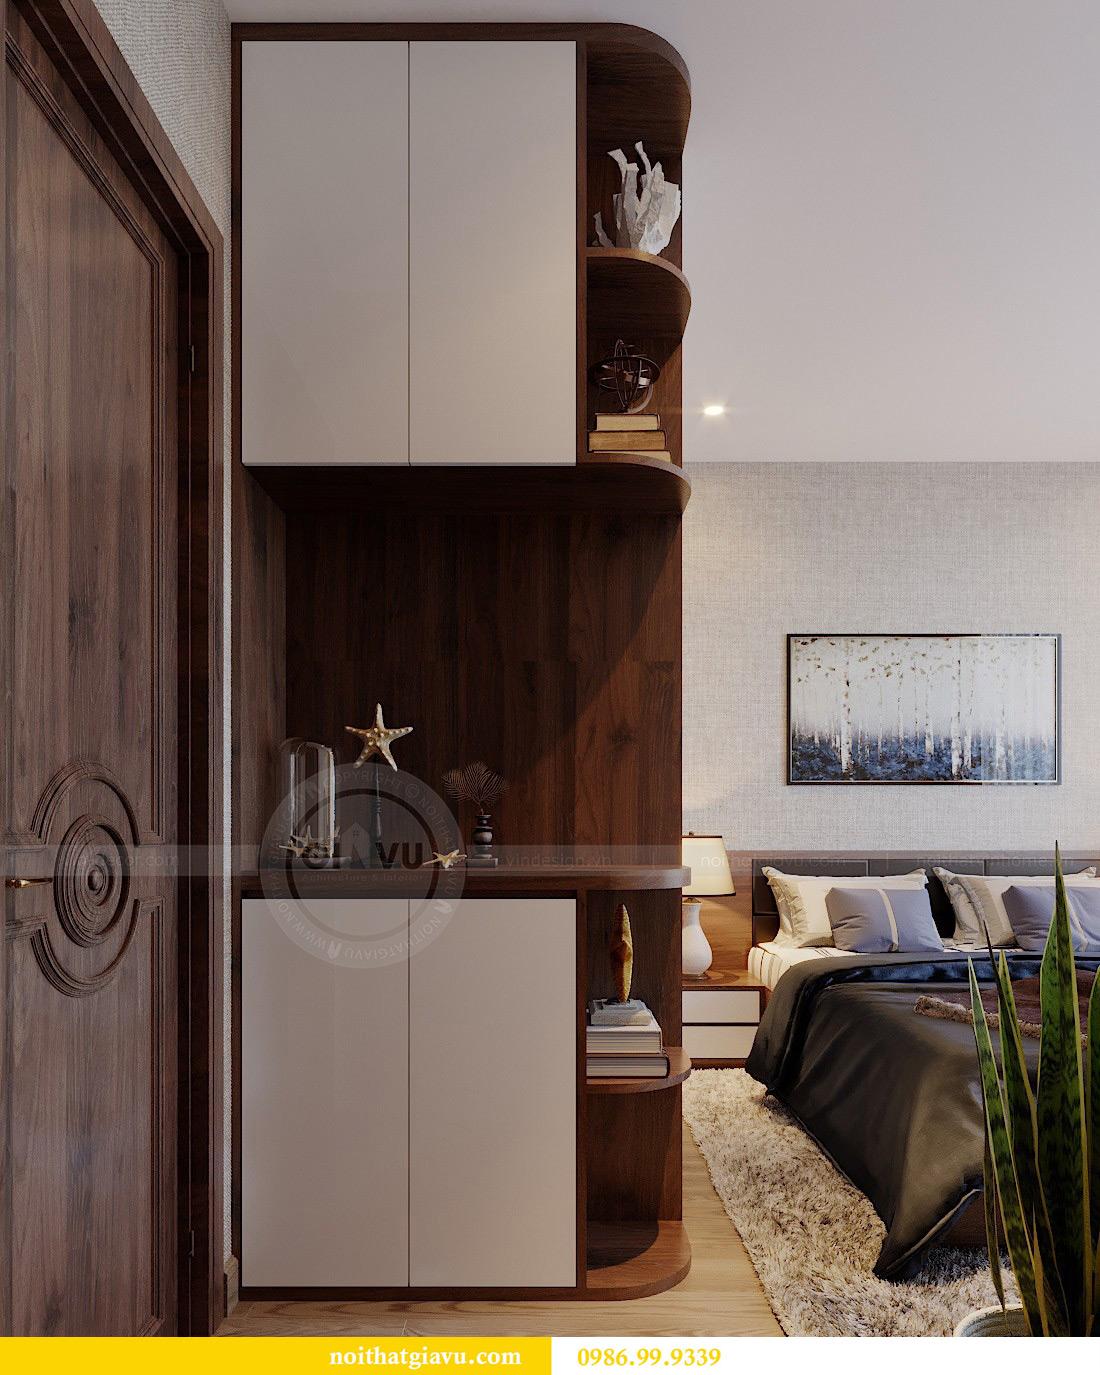 Thiết kế nội thất căn hộ Metropolis tòa M3 01 nhà anh Thịnh 9